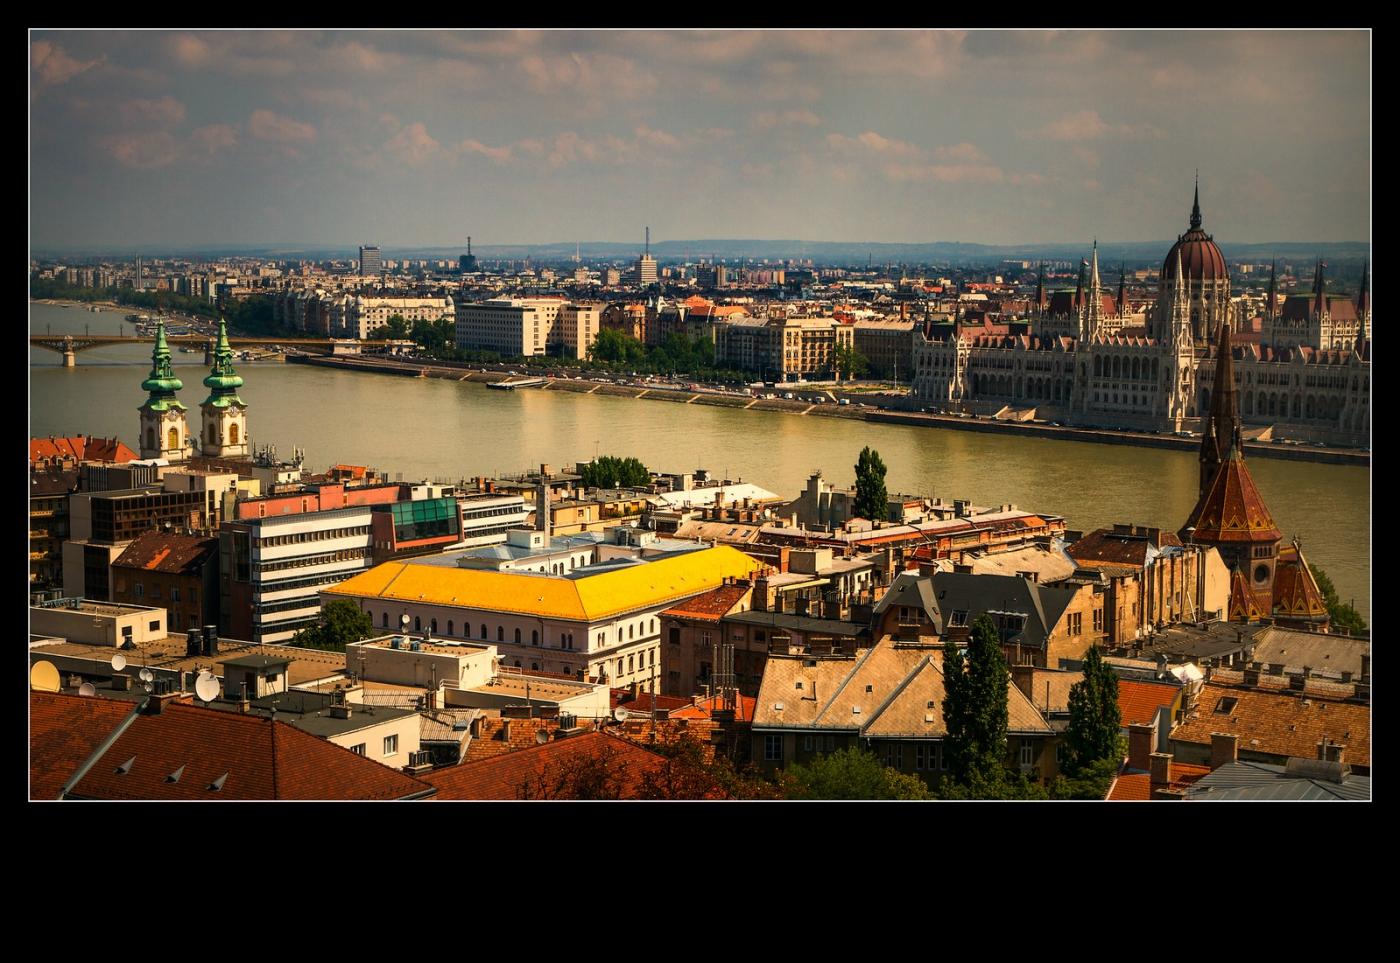 俯瞰布达佩斯,独一无二_图1-8